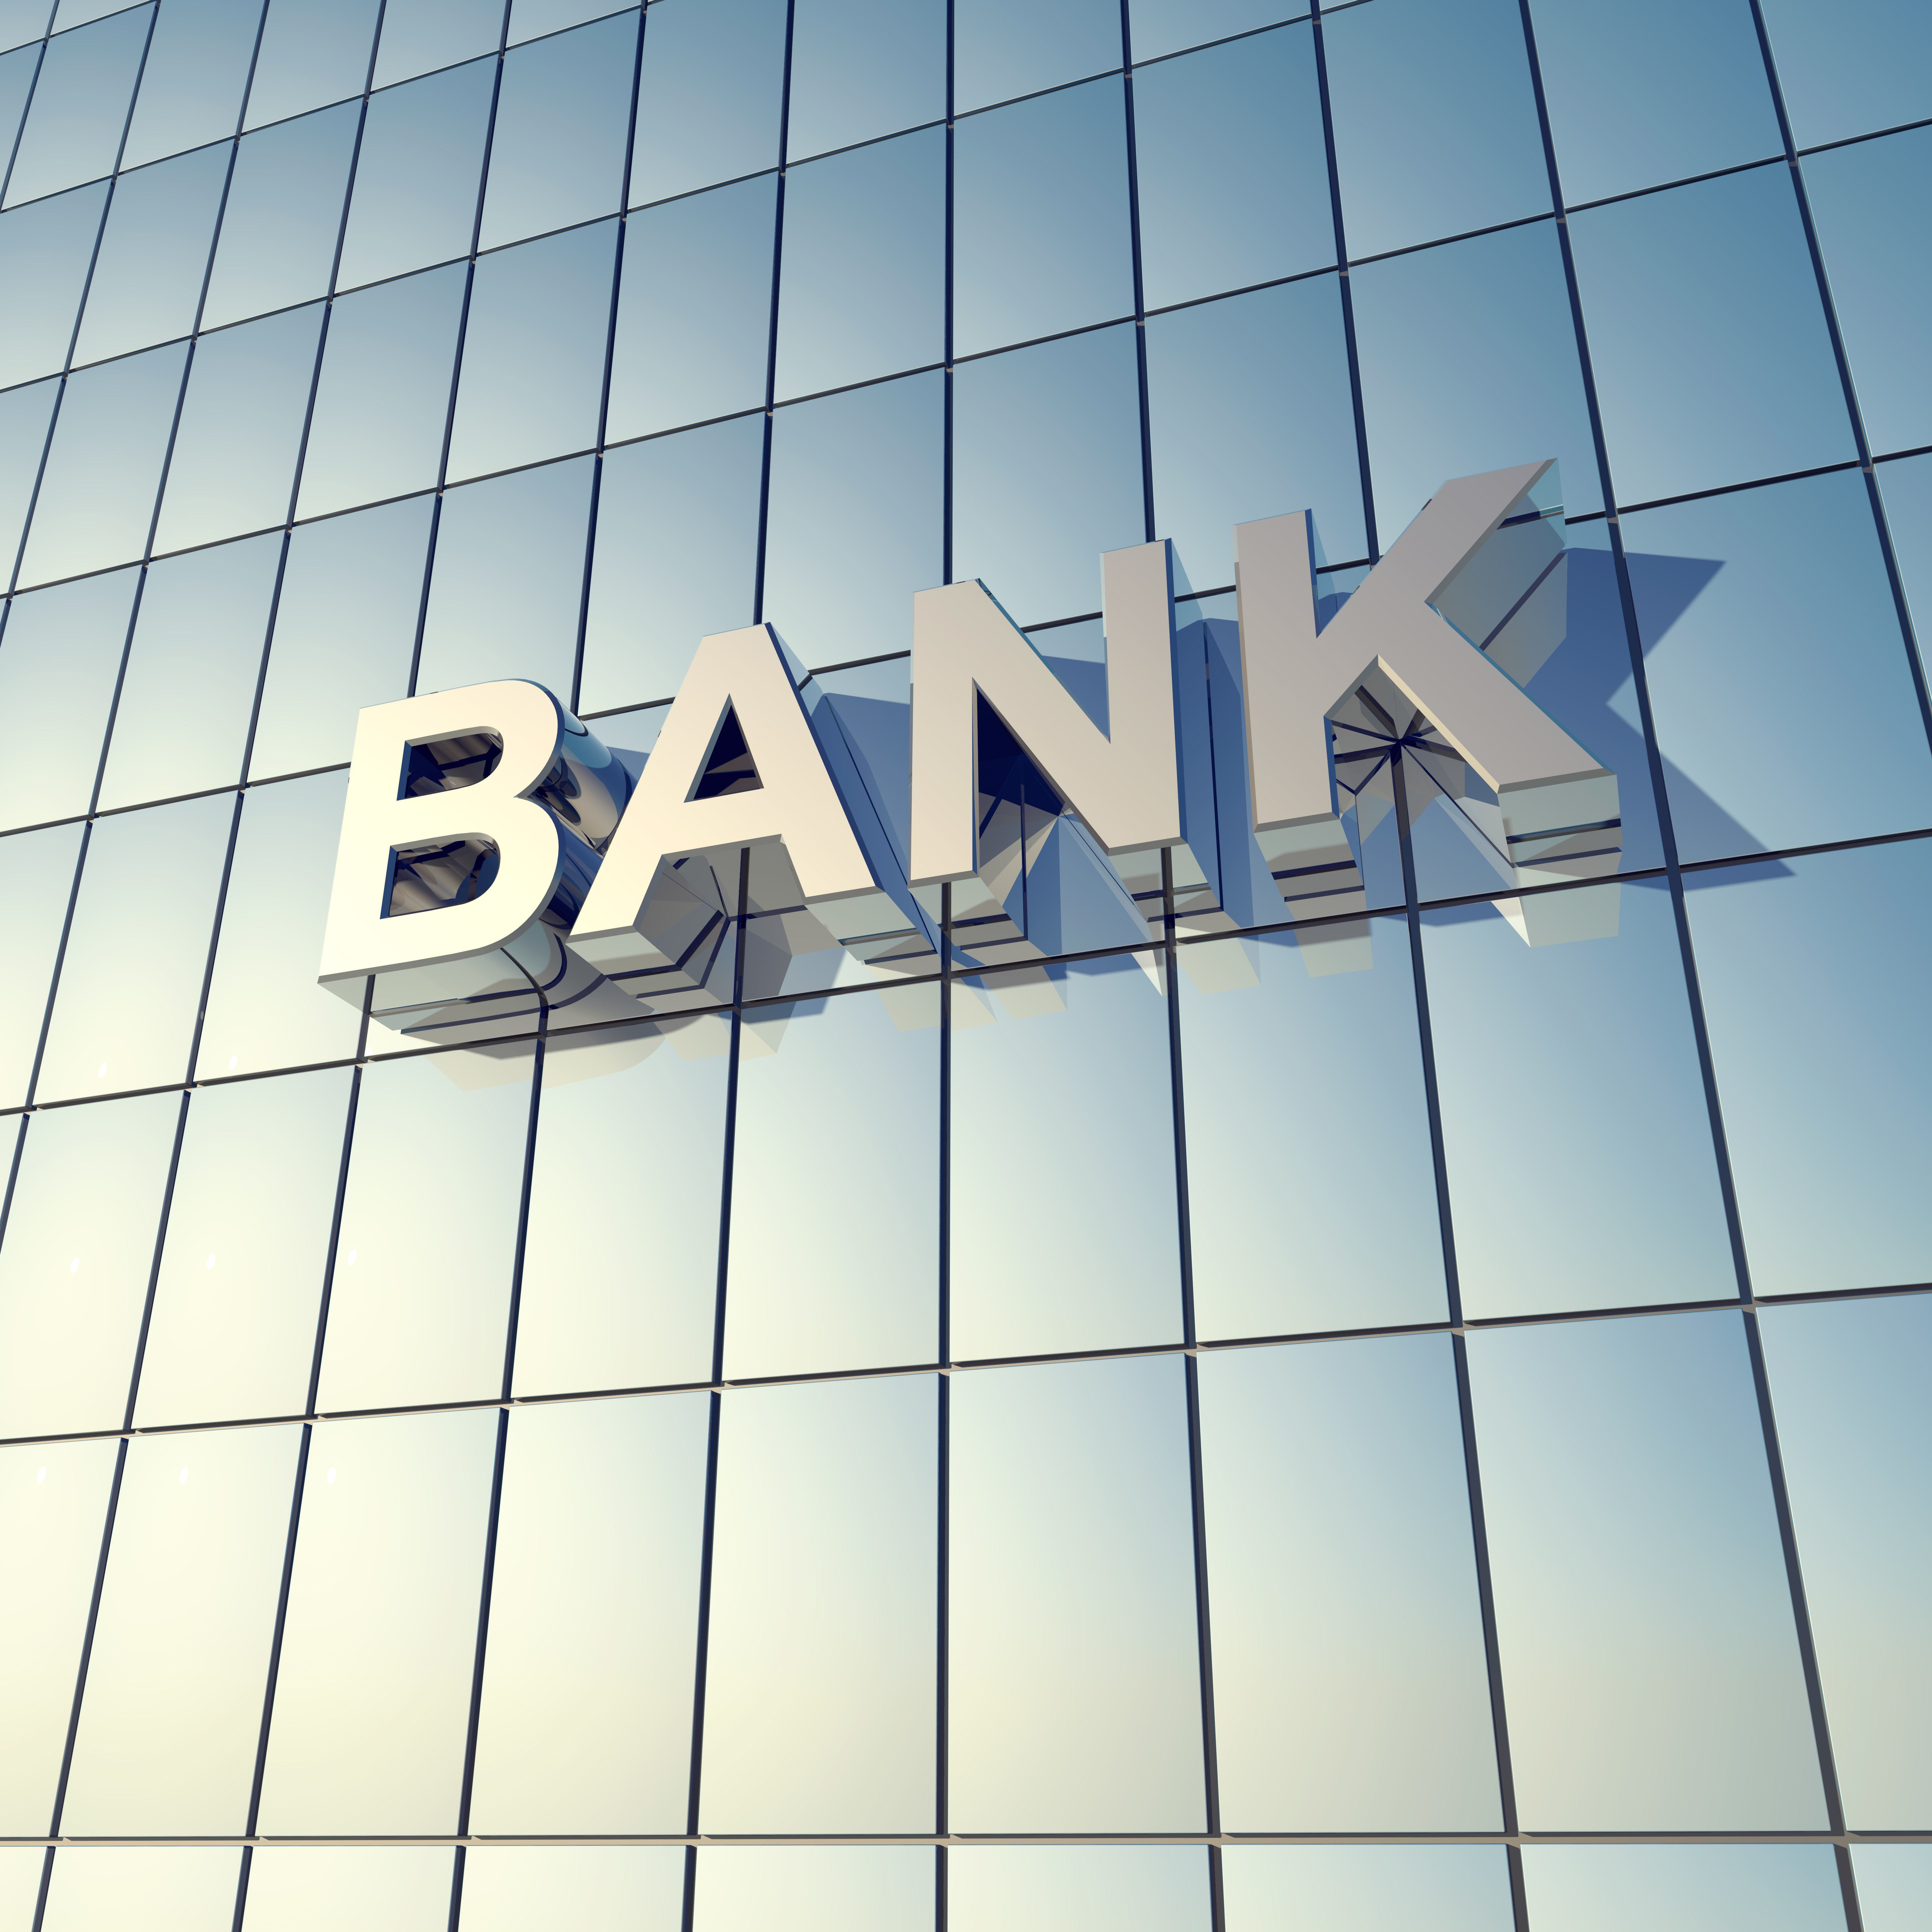 Σχέδια για «bad bank» επεξεργάζεται η